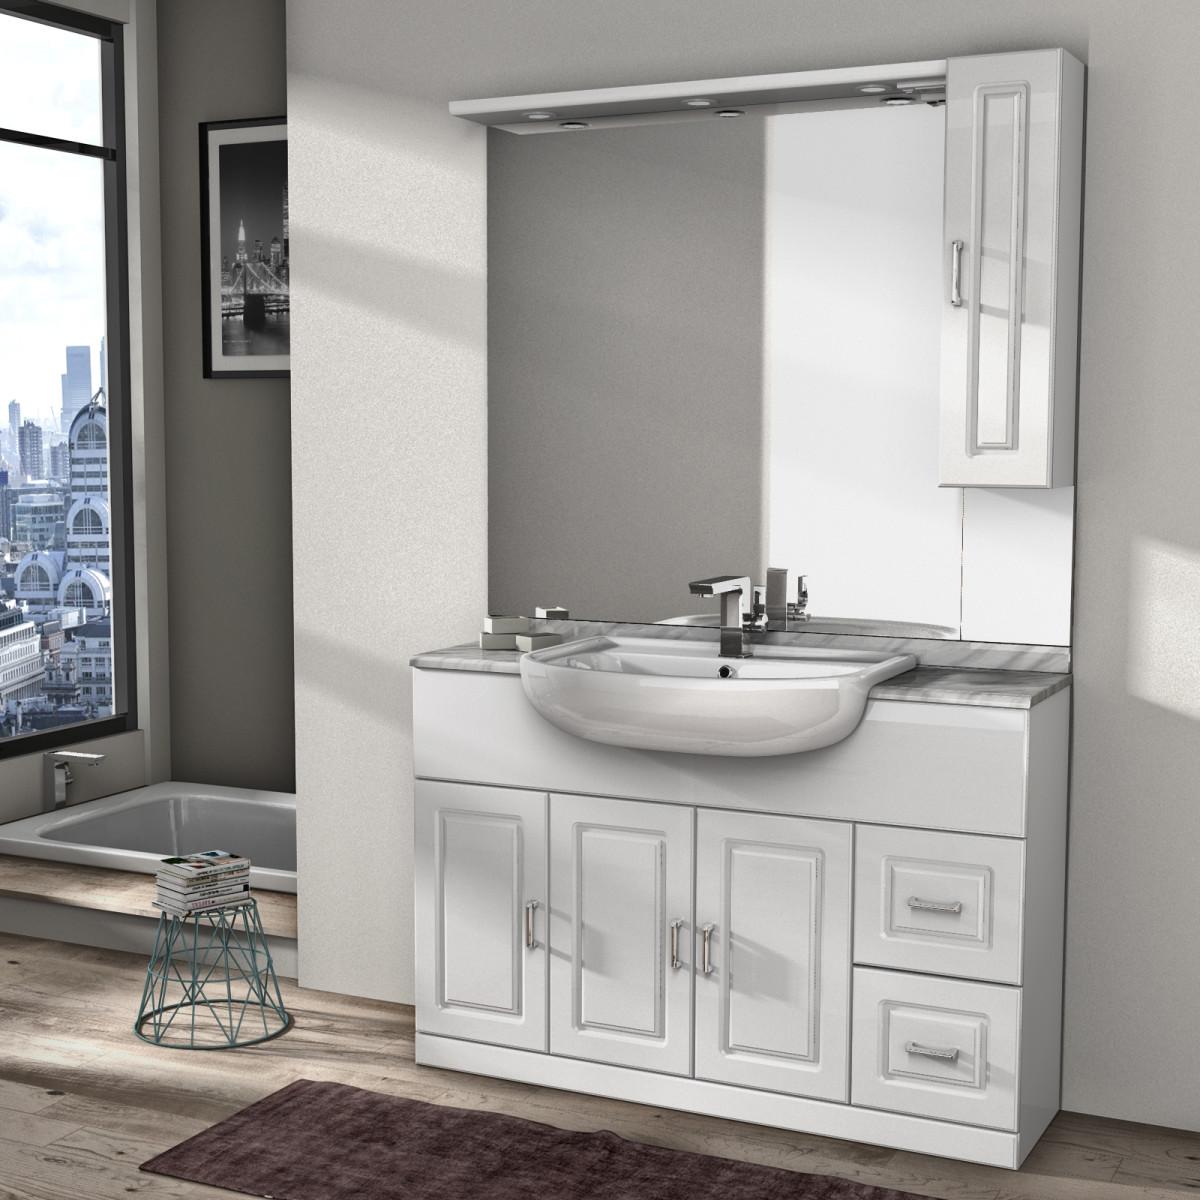 Mobile bagno con lavabo in ceramica 80  Prezzo e Offerte Sottocosto